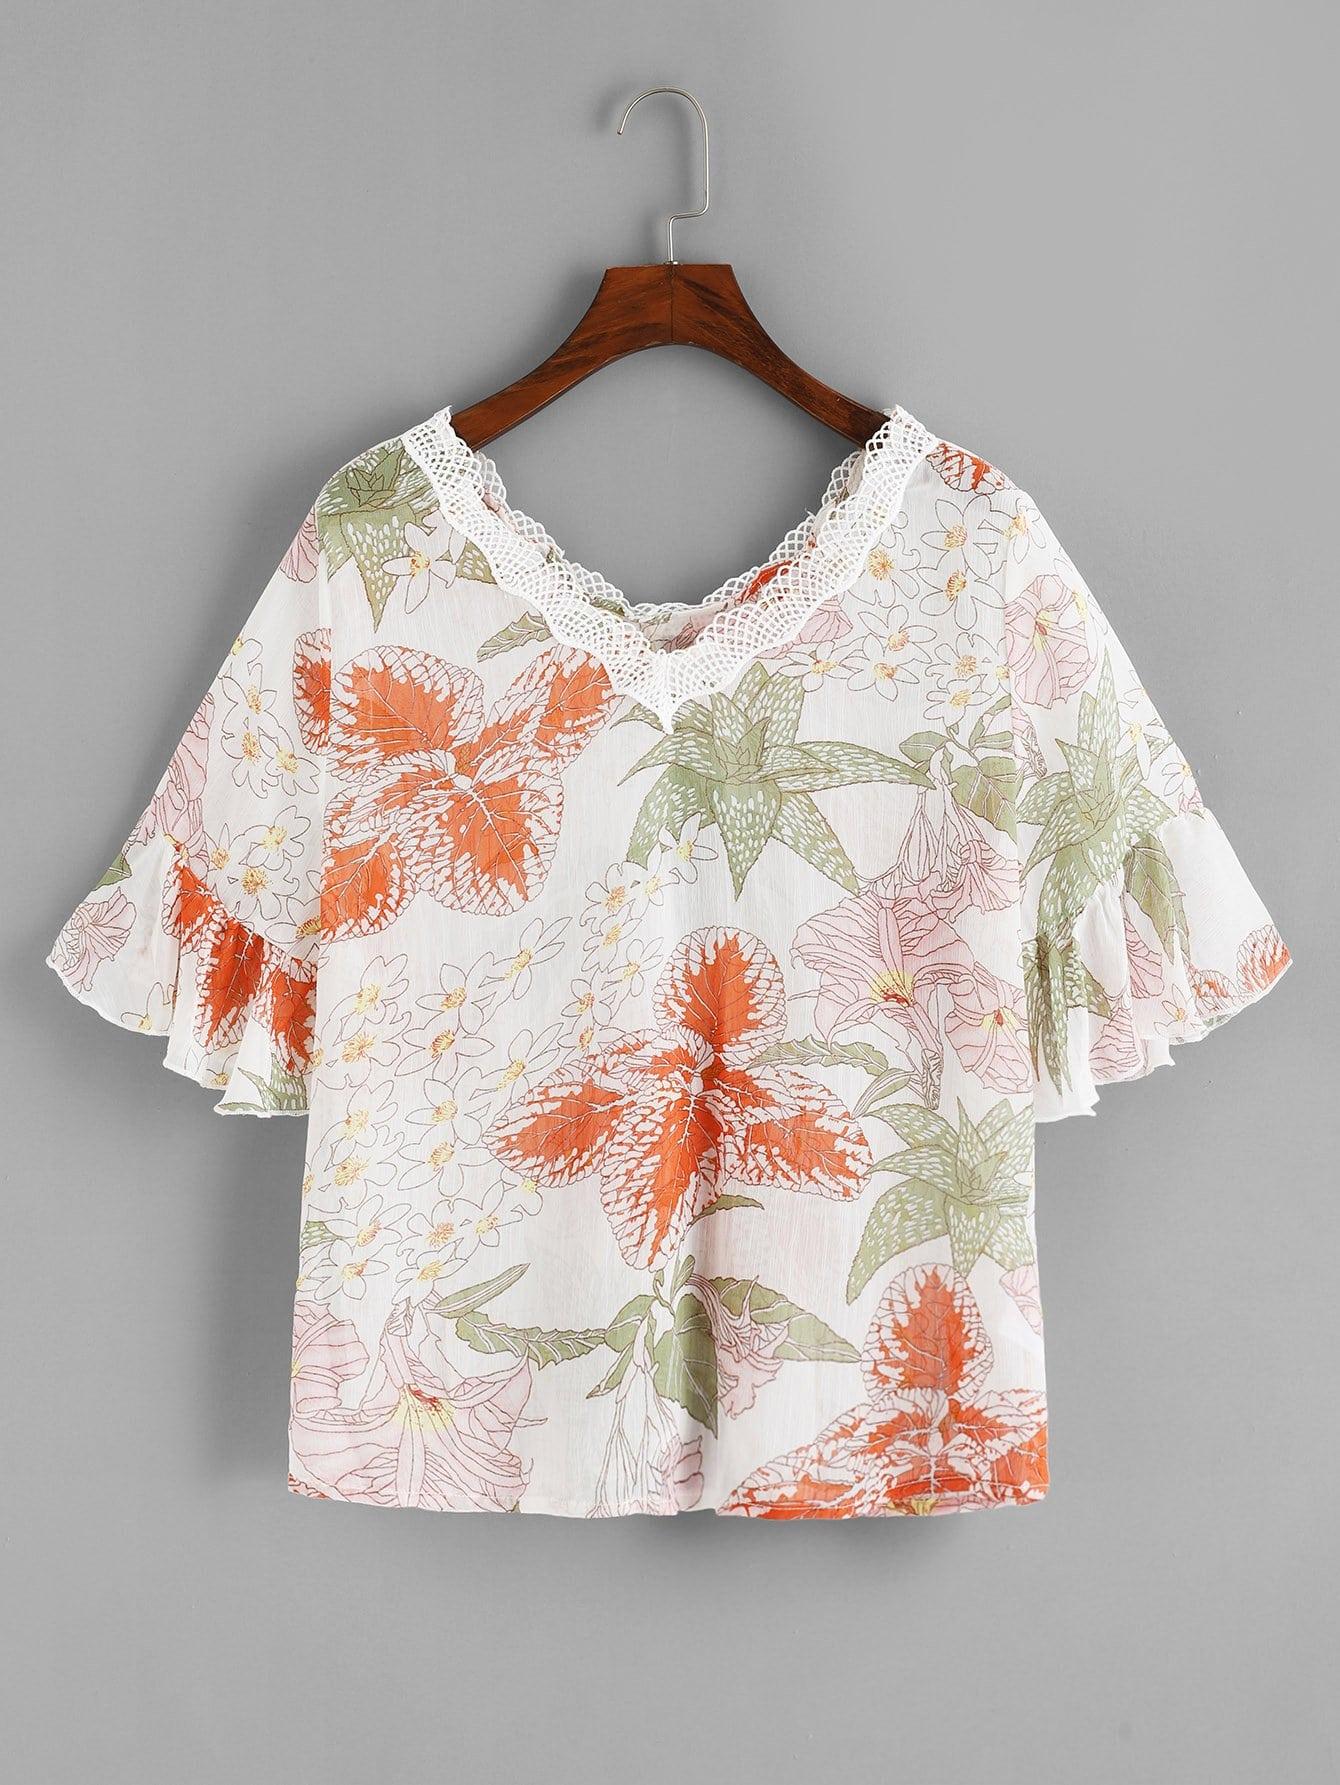 Блузка с кружевами цветы и широкими рукавами, null, SheIn  - купить со скидкой